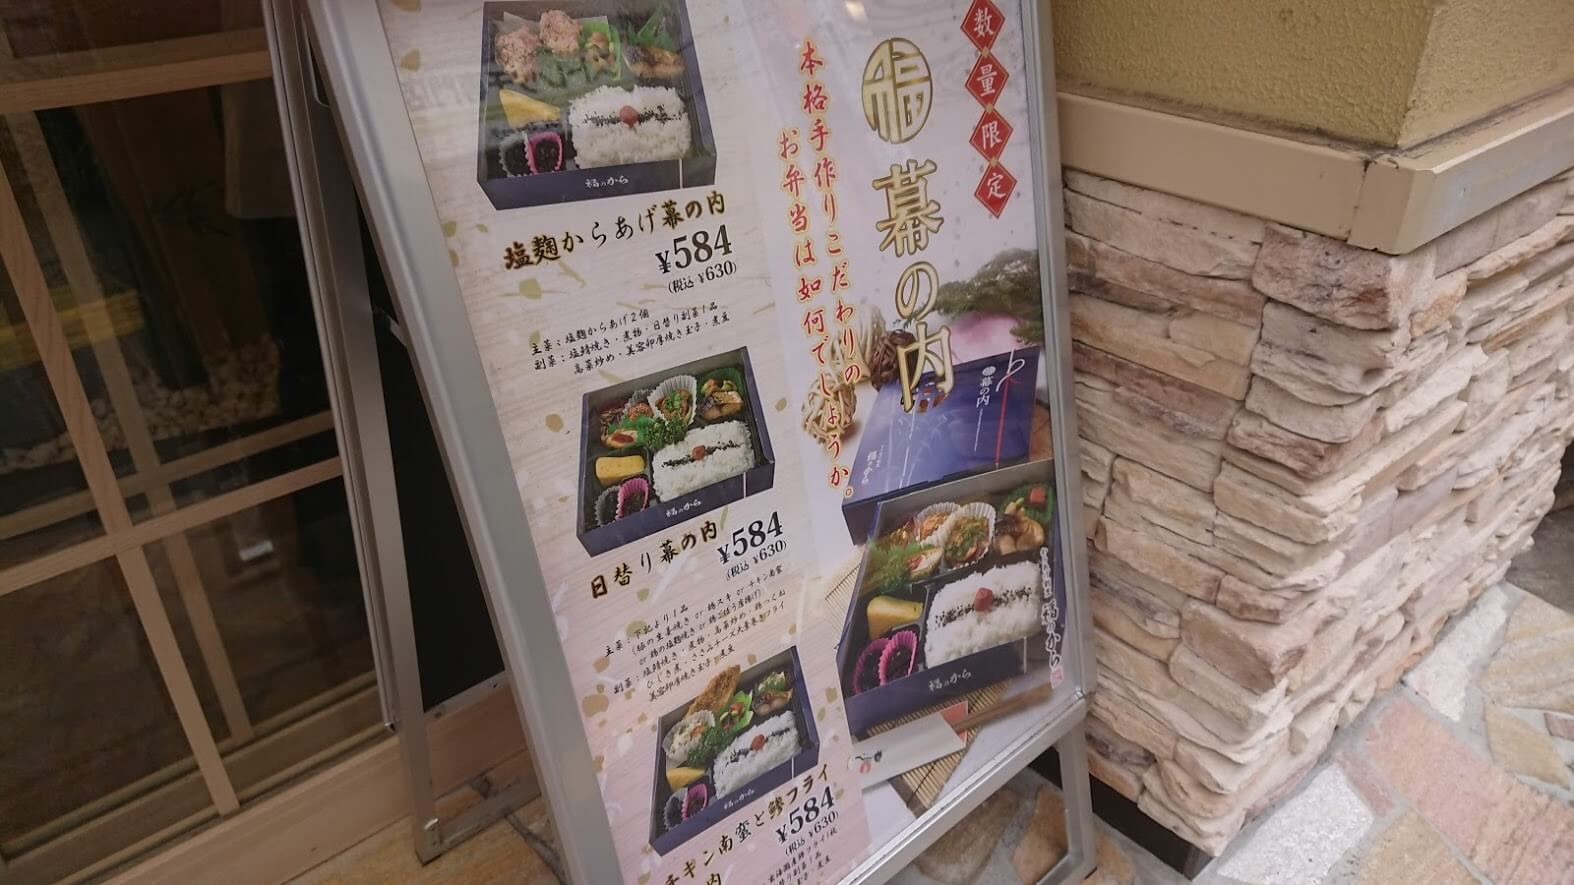 福のから 下北沢店 テイクアウト写真